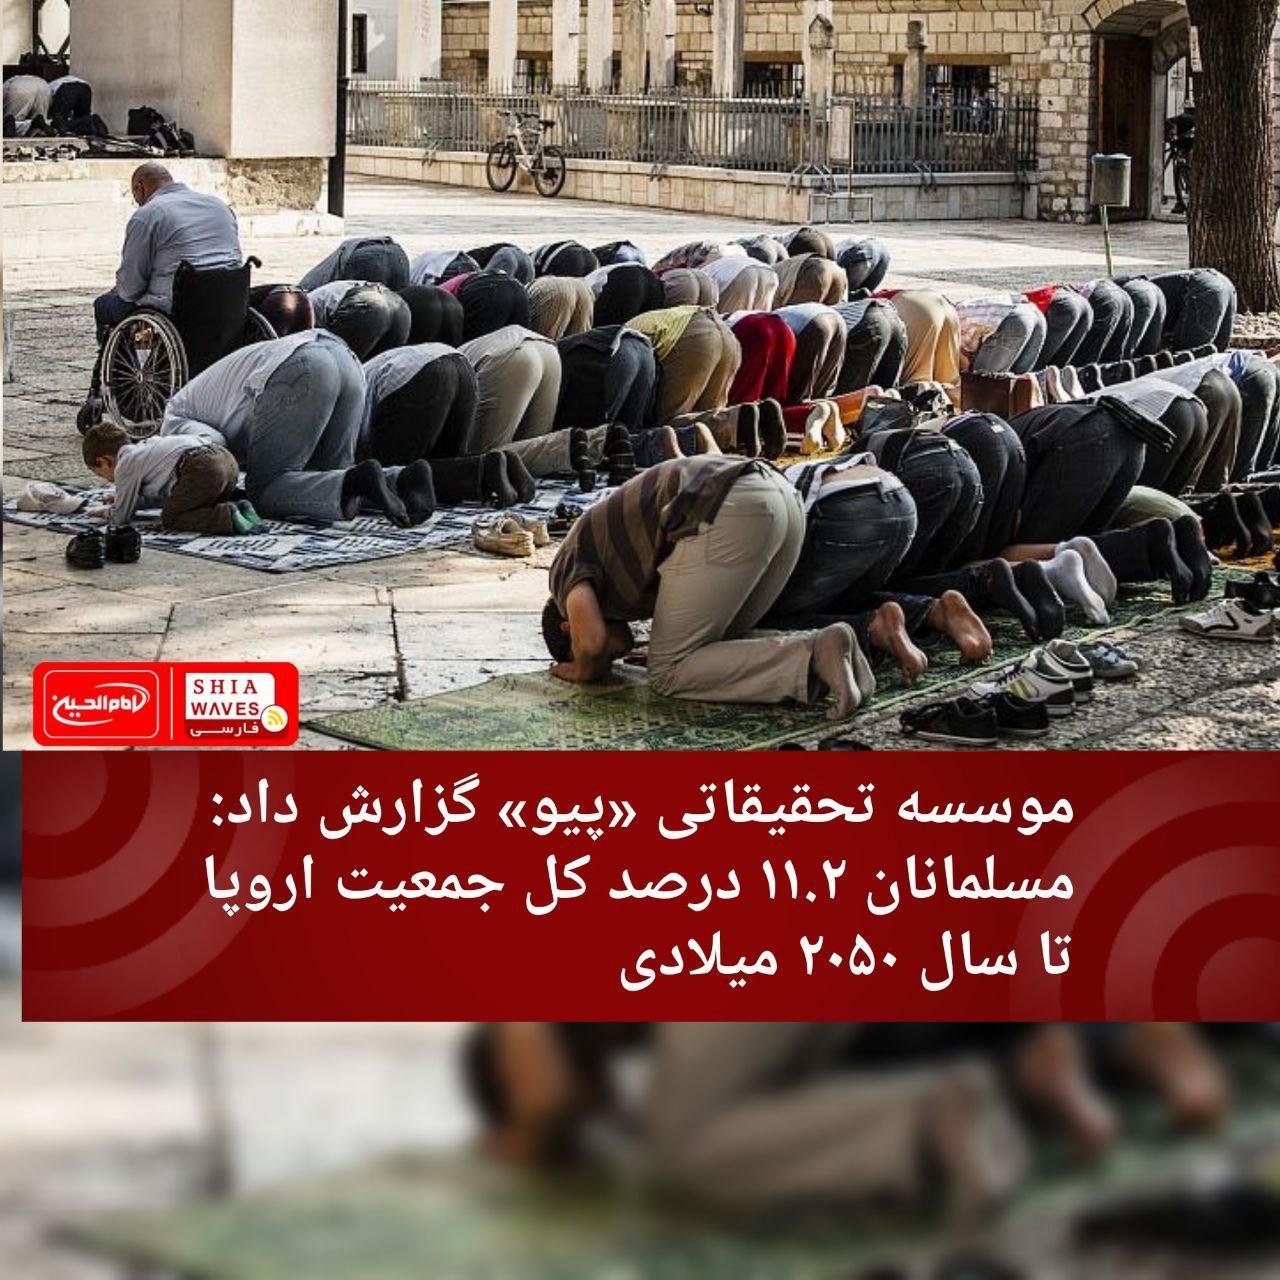 تصویر موسسه تحقیقاتی «پیو» گزارش داد: مسلمانان ۱۱.۲ درصد کل جمعیت اروپا تا سال ۲۰۵۰ میلادی